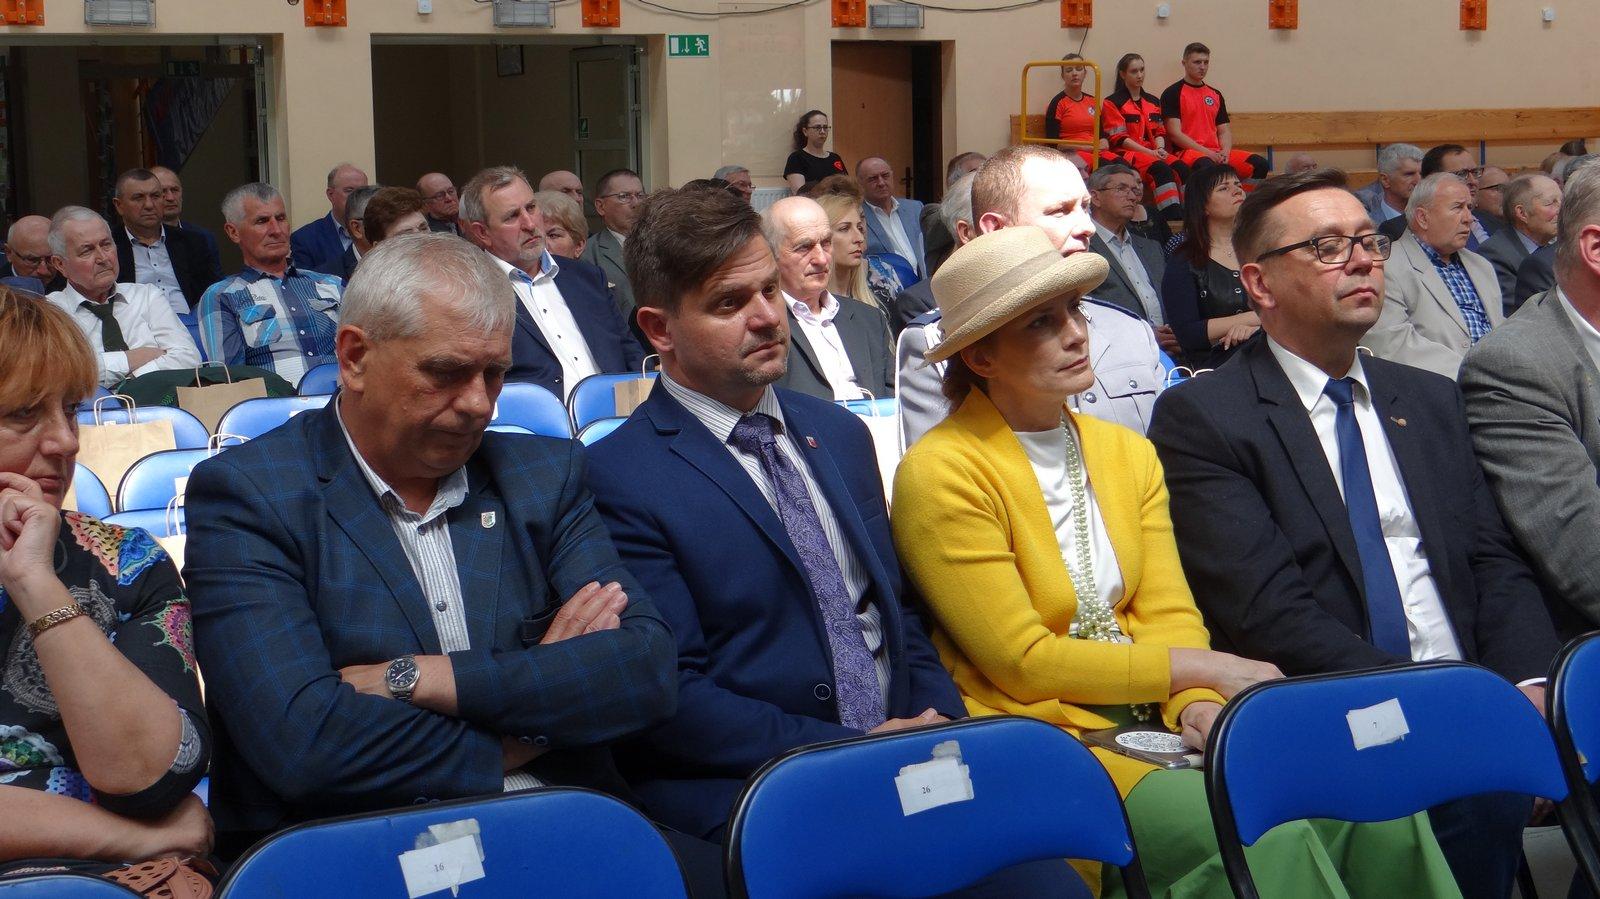 dsc09463 - Wielkopolska zaradność i pracowitość doceniona na Forum Wielkopolskiej Wsi Europejskiej